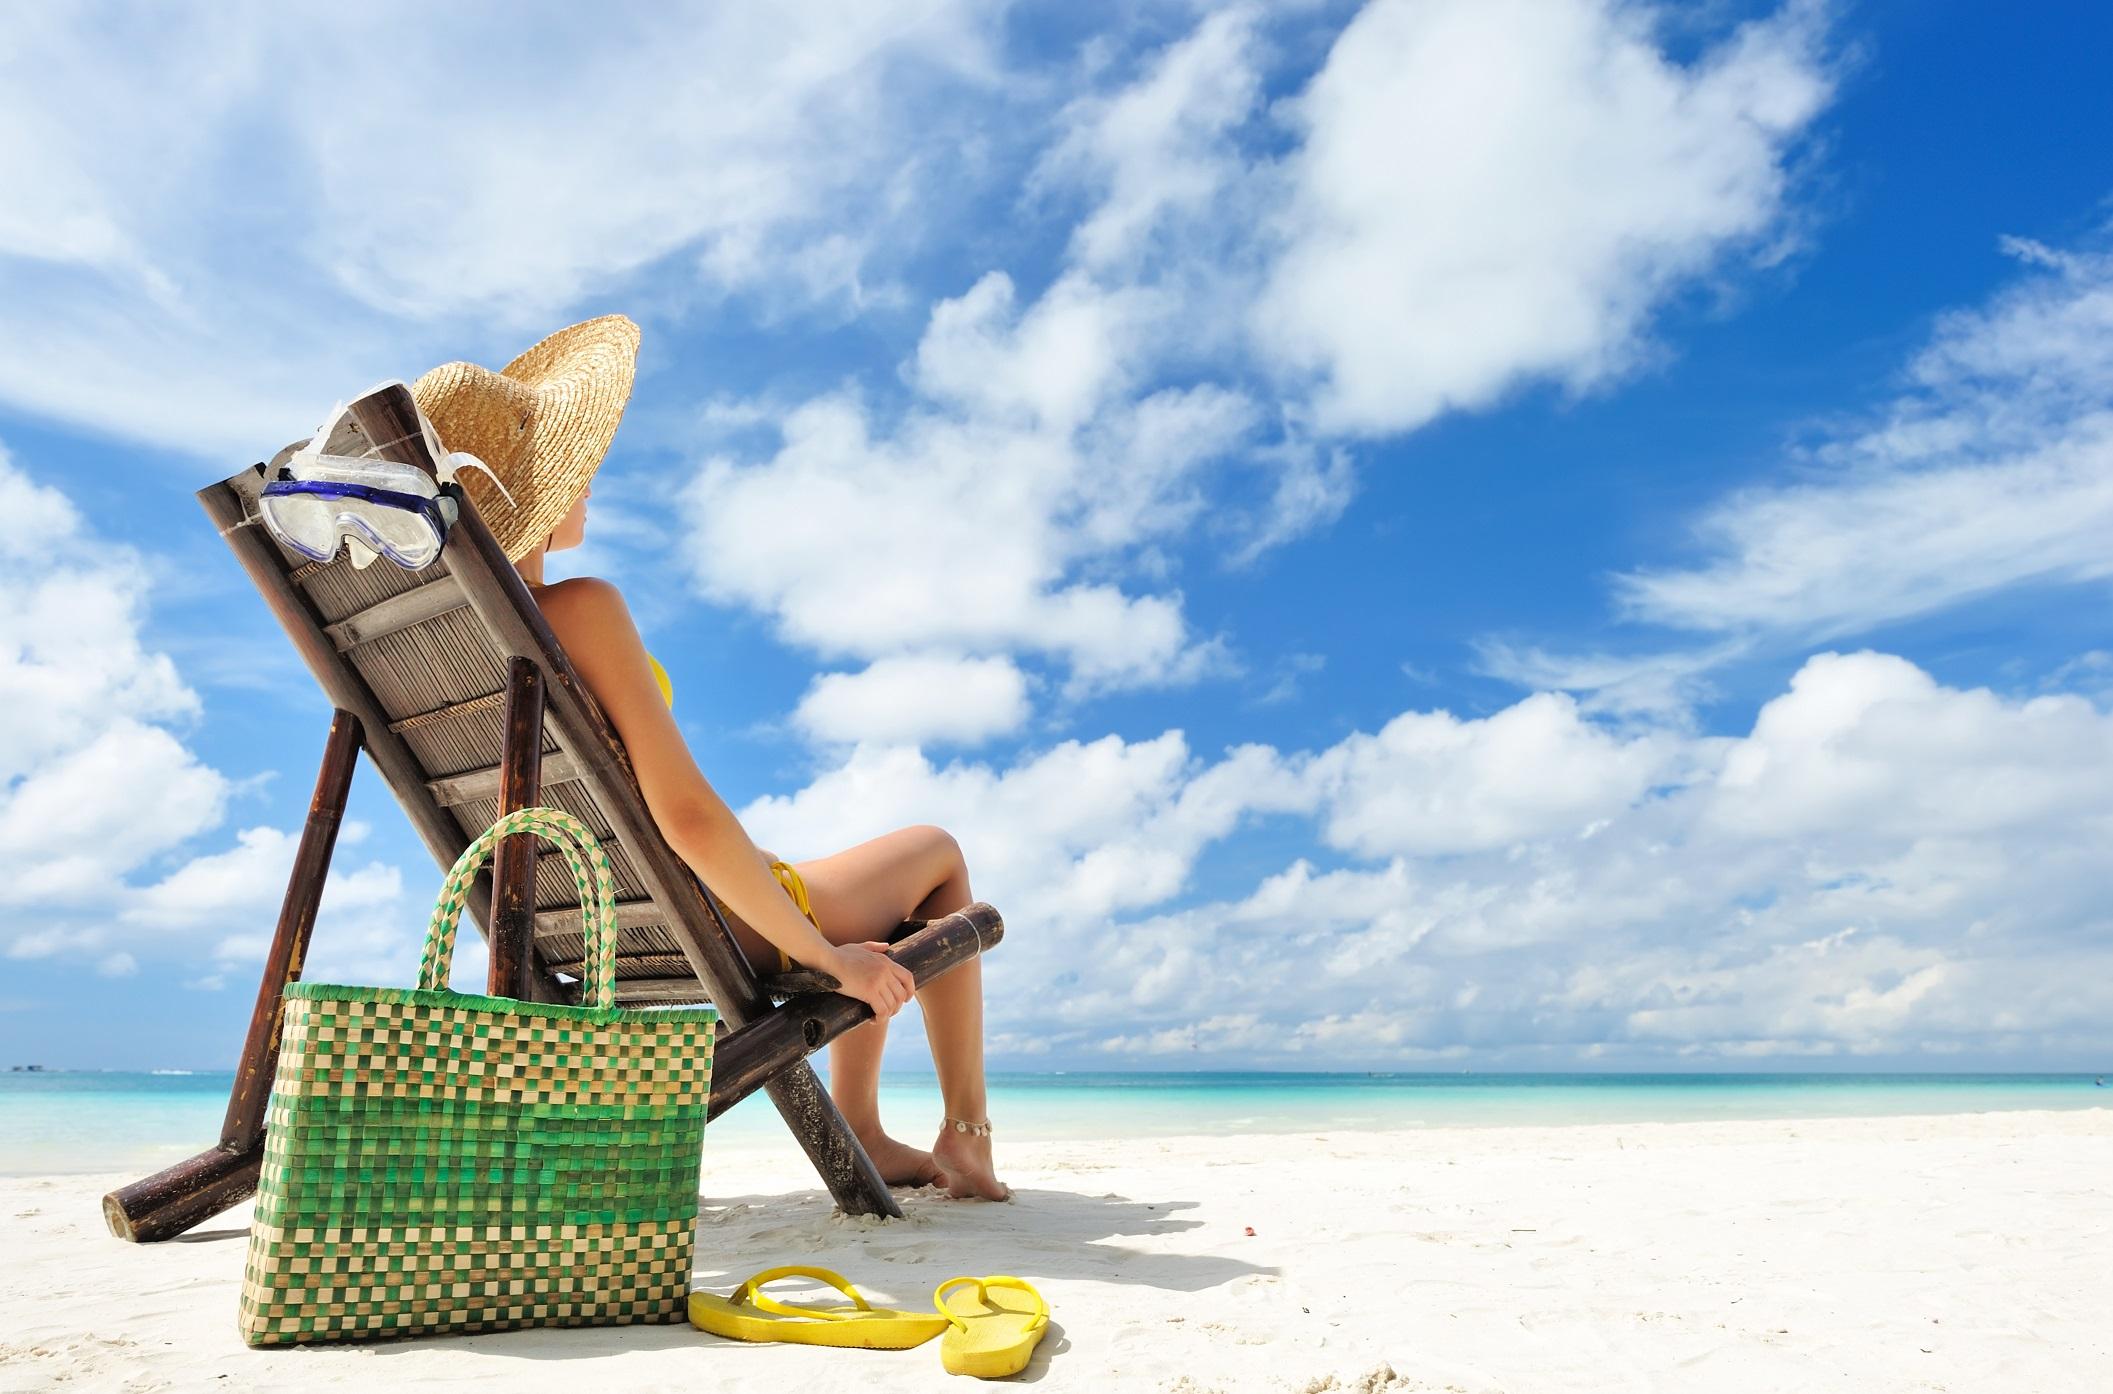 Išankstiniai vasaros kelionių pardavimai muša rekordus: kelialapių perka triskart daugiau!